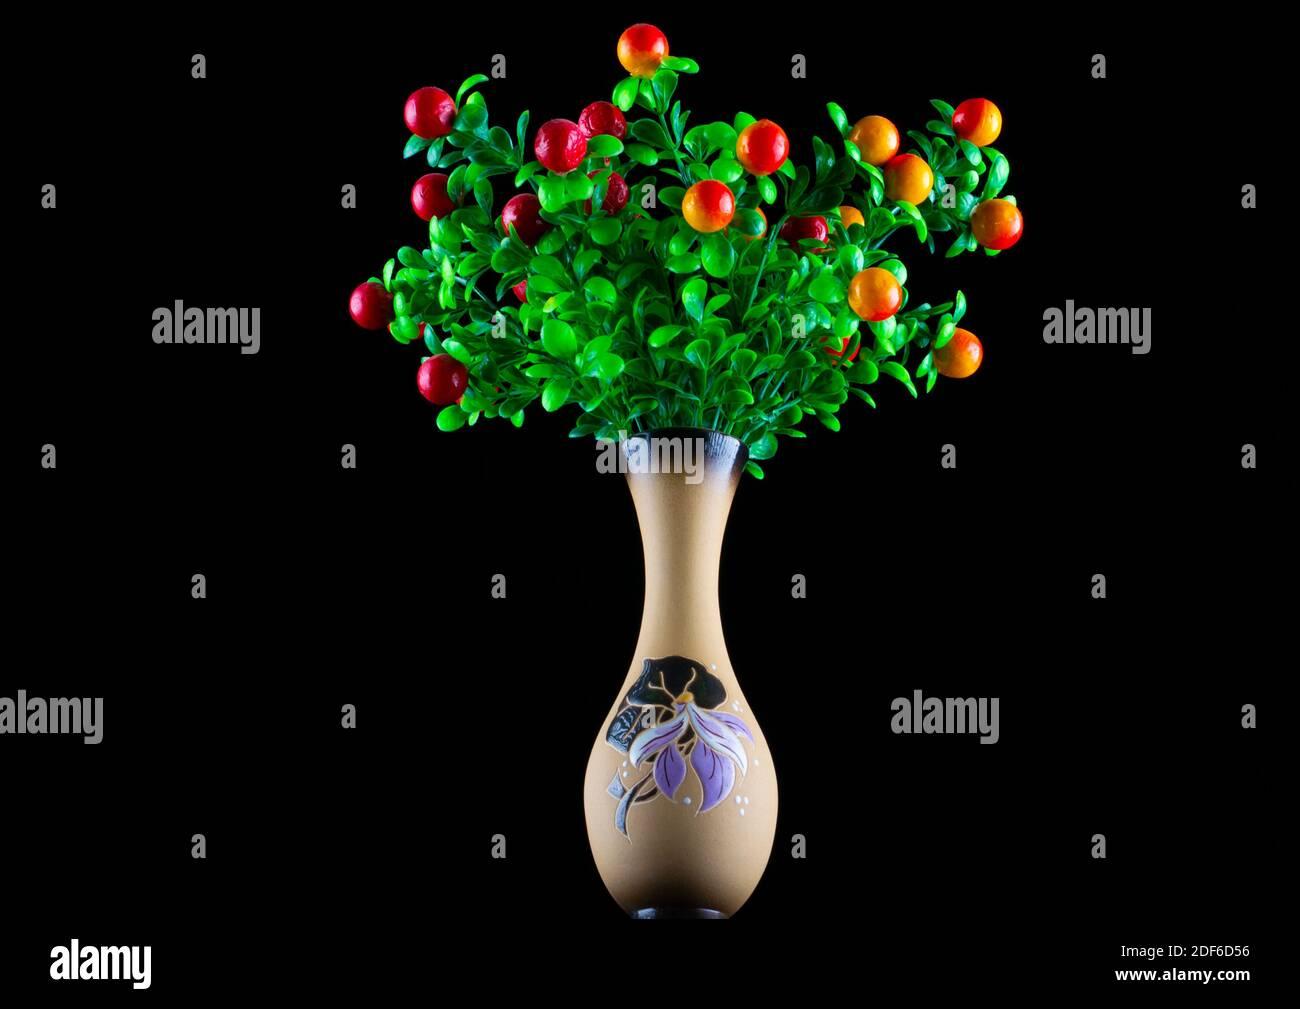 Plantes fantastiques avec des fruits dans un vase en céramique sur un arrière-plan noir Banque D'Images